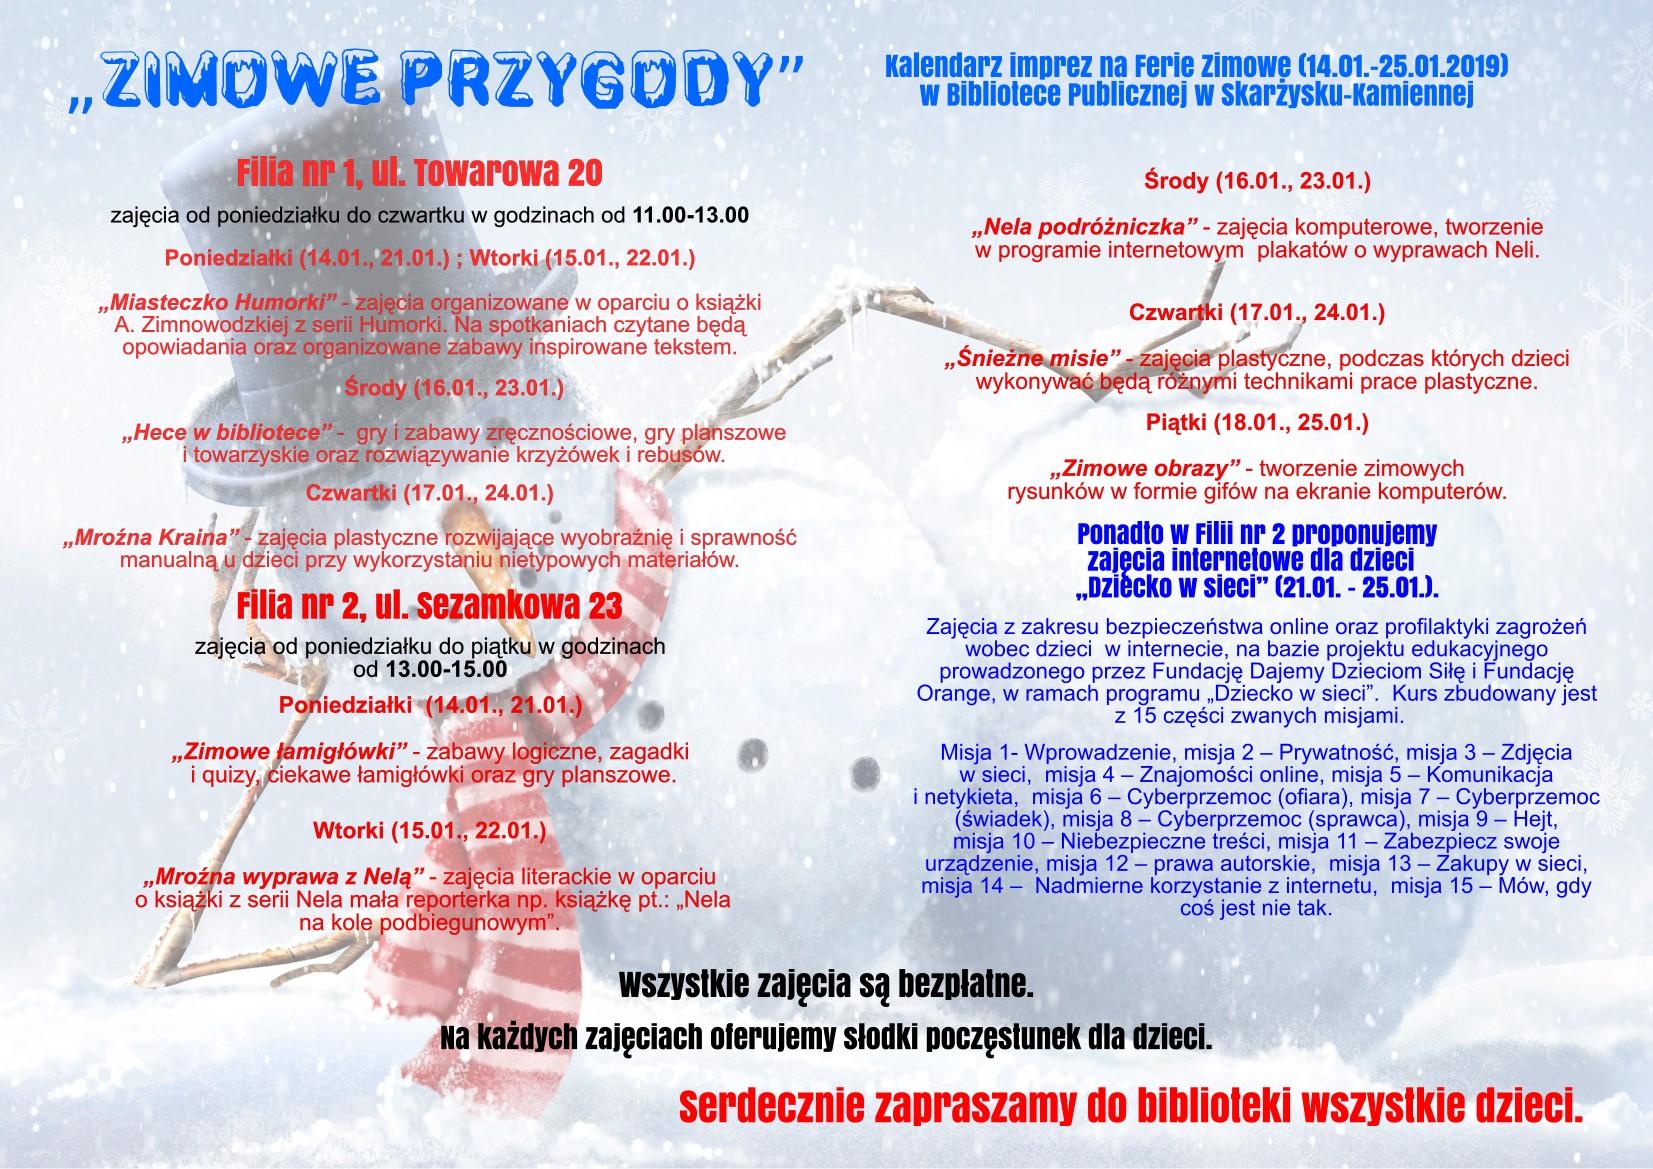 Plakat ferii zimowych